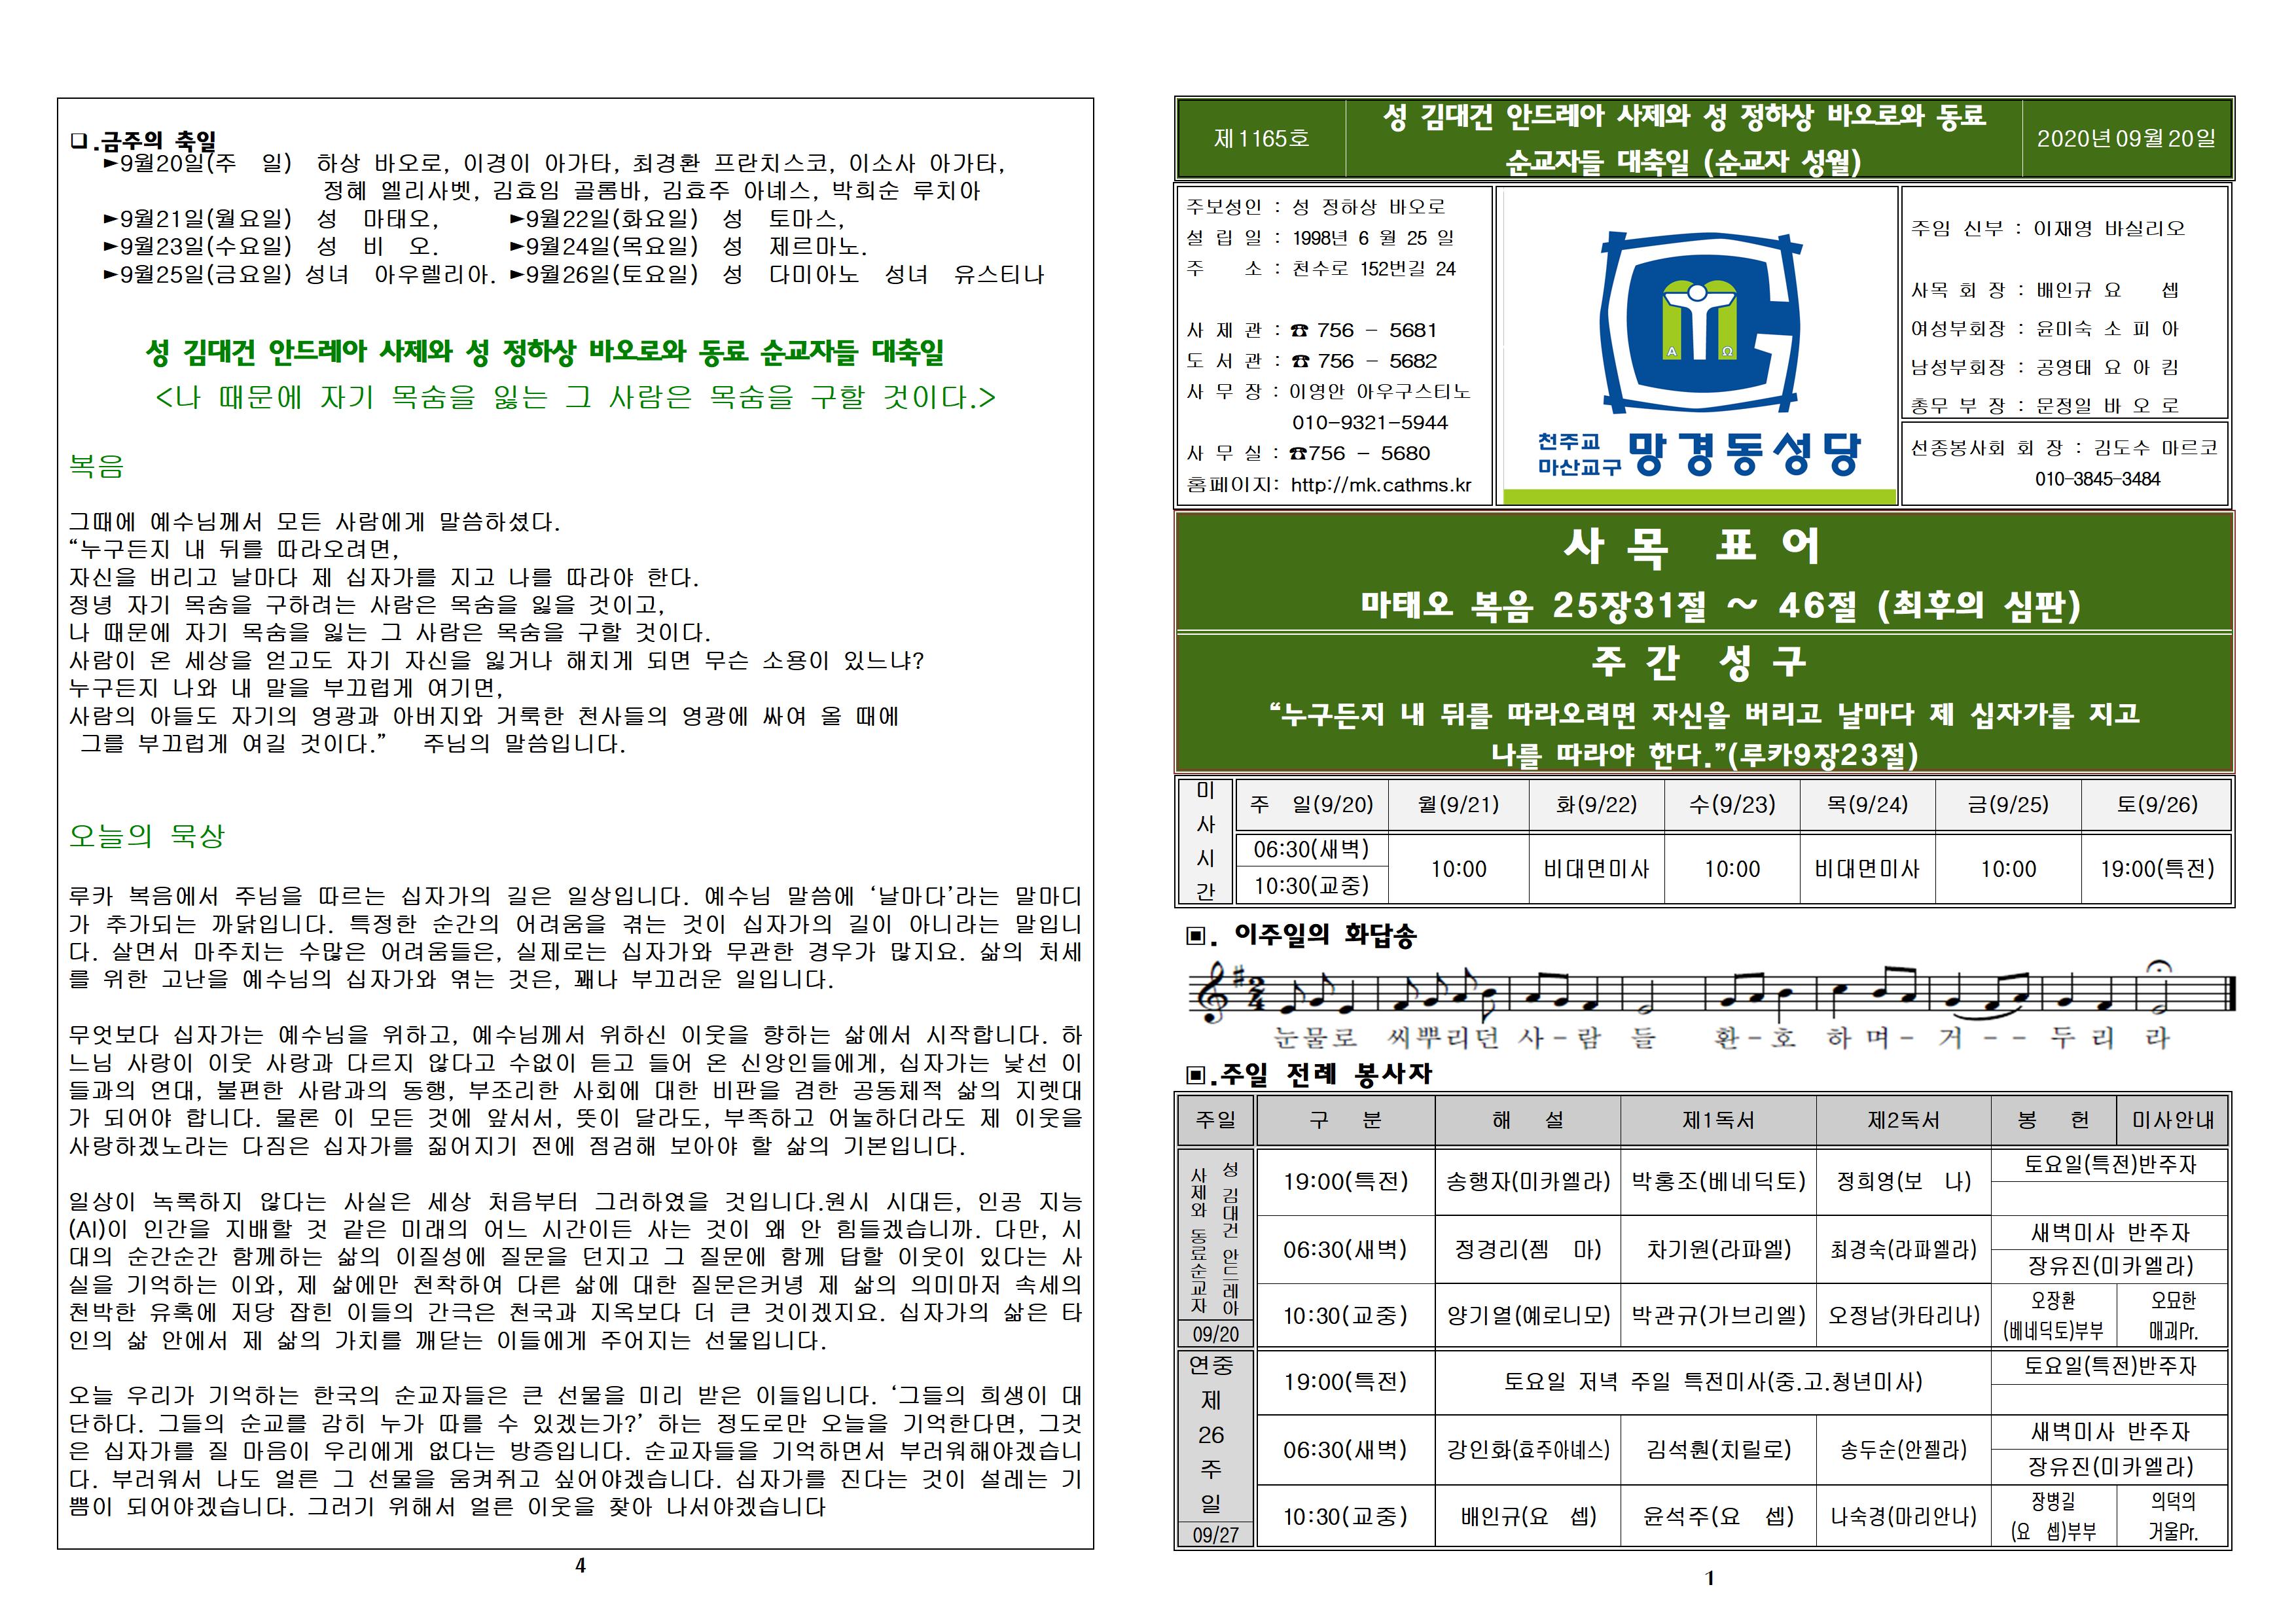 성 김대건 안드레아 사제와 성 정하상 바오로와 동료 순교자들 대축일(순교자 성월) 001.png